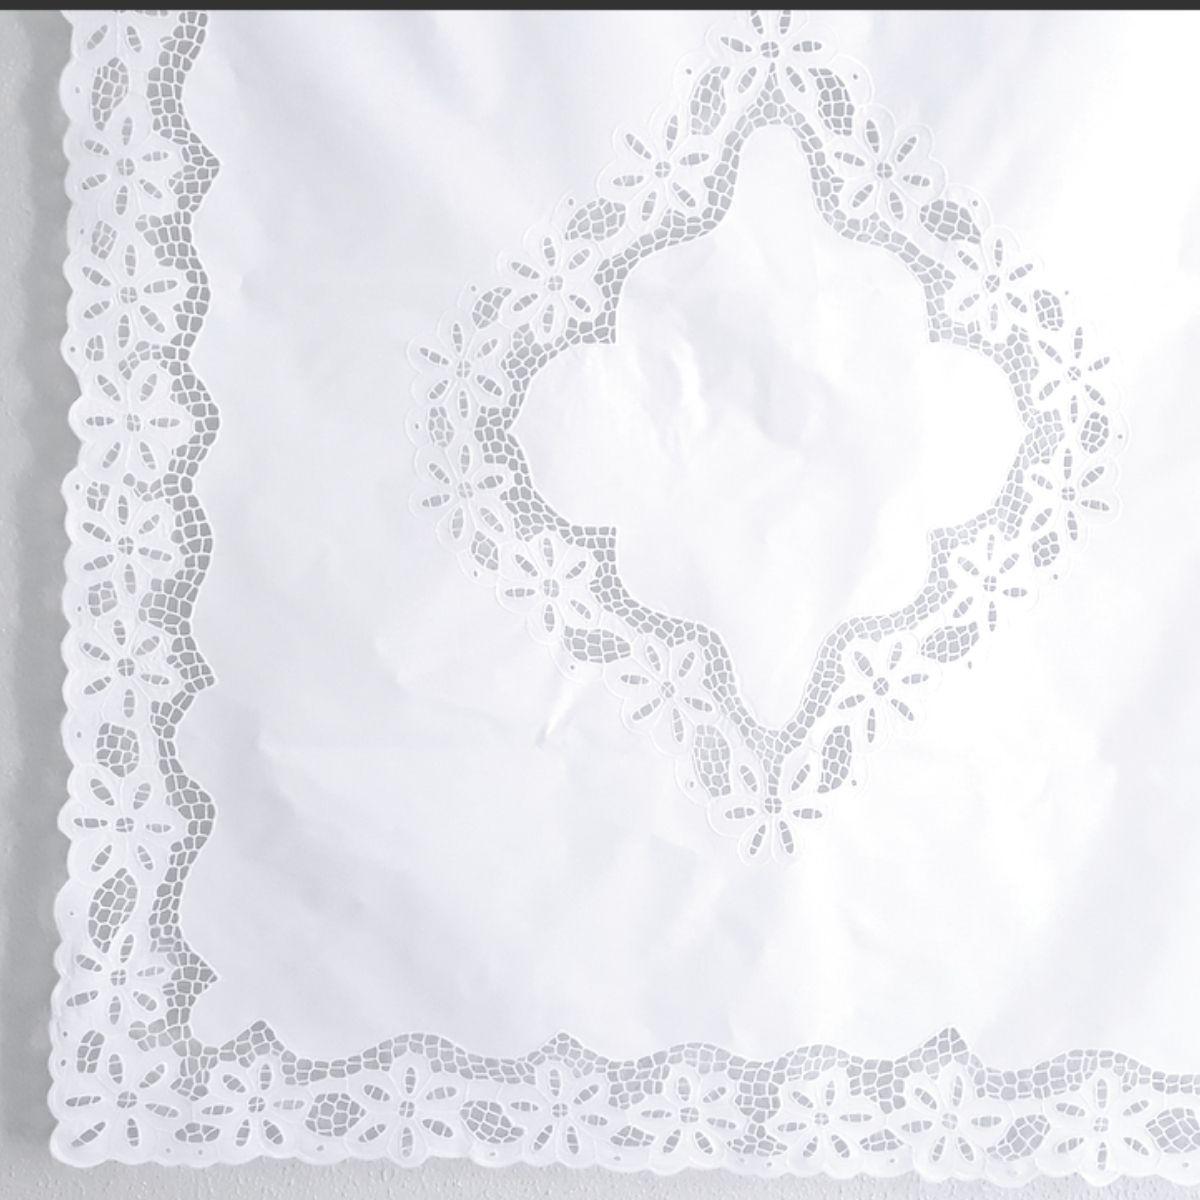 Cortina Bordado Richelieu 1,50x1,50 (LxA) Percal 230 Fios 1 Folha Margarida  - Bordados do Ceará - Jutnet